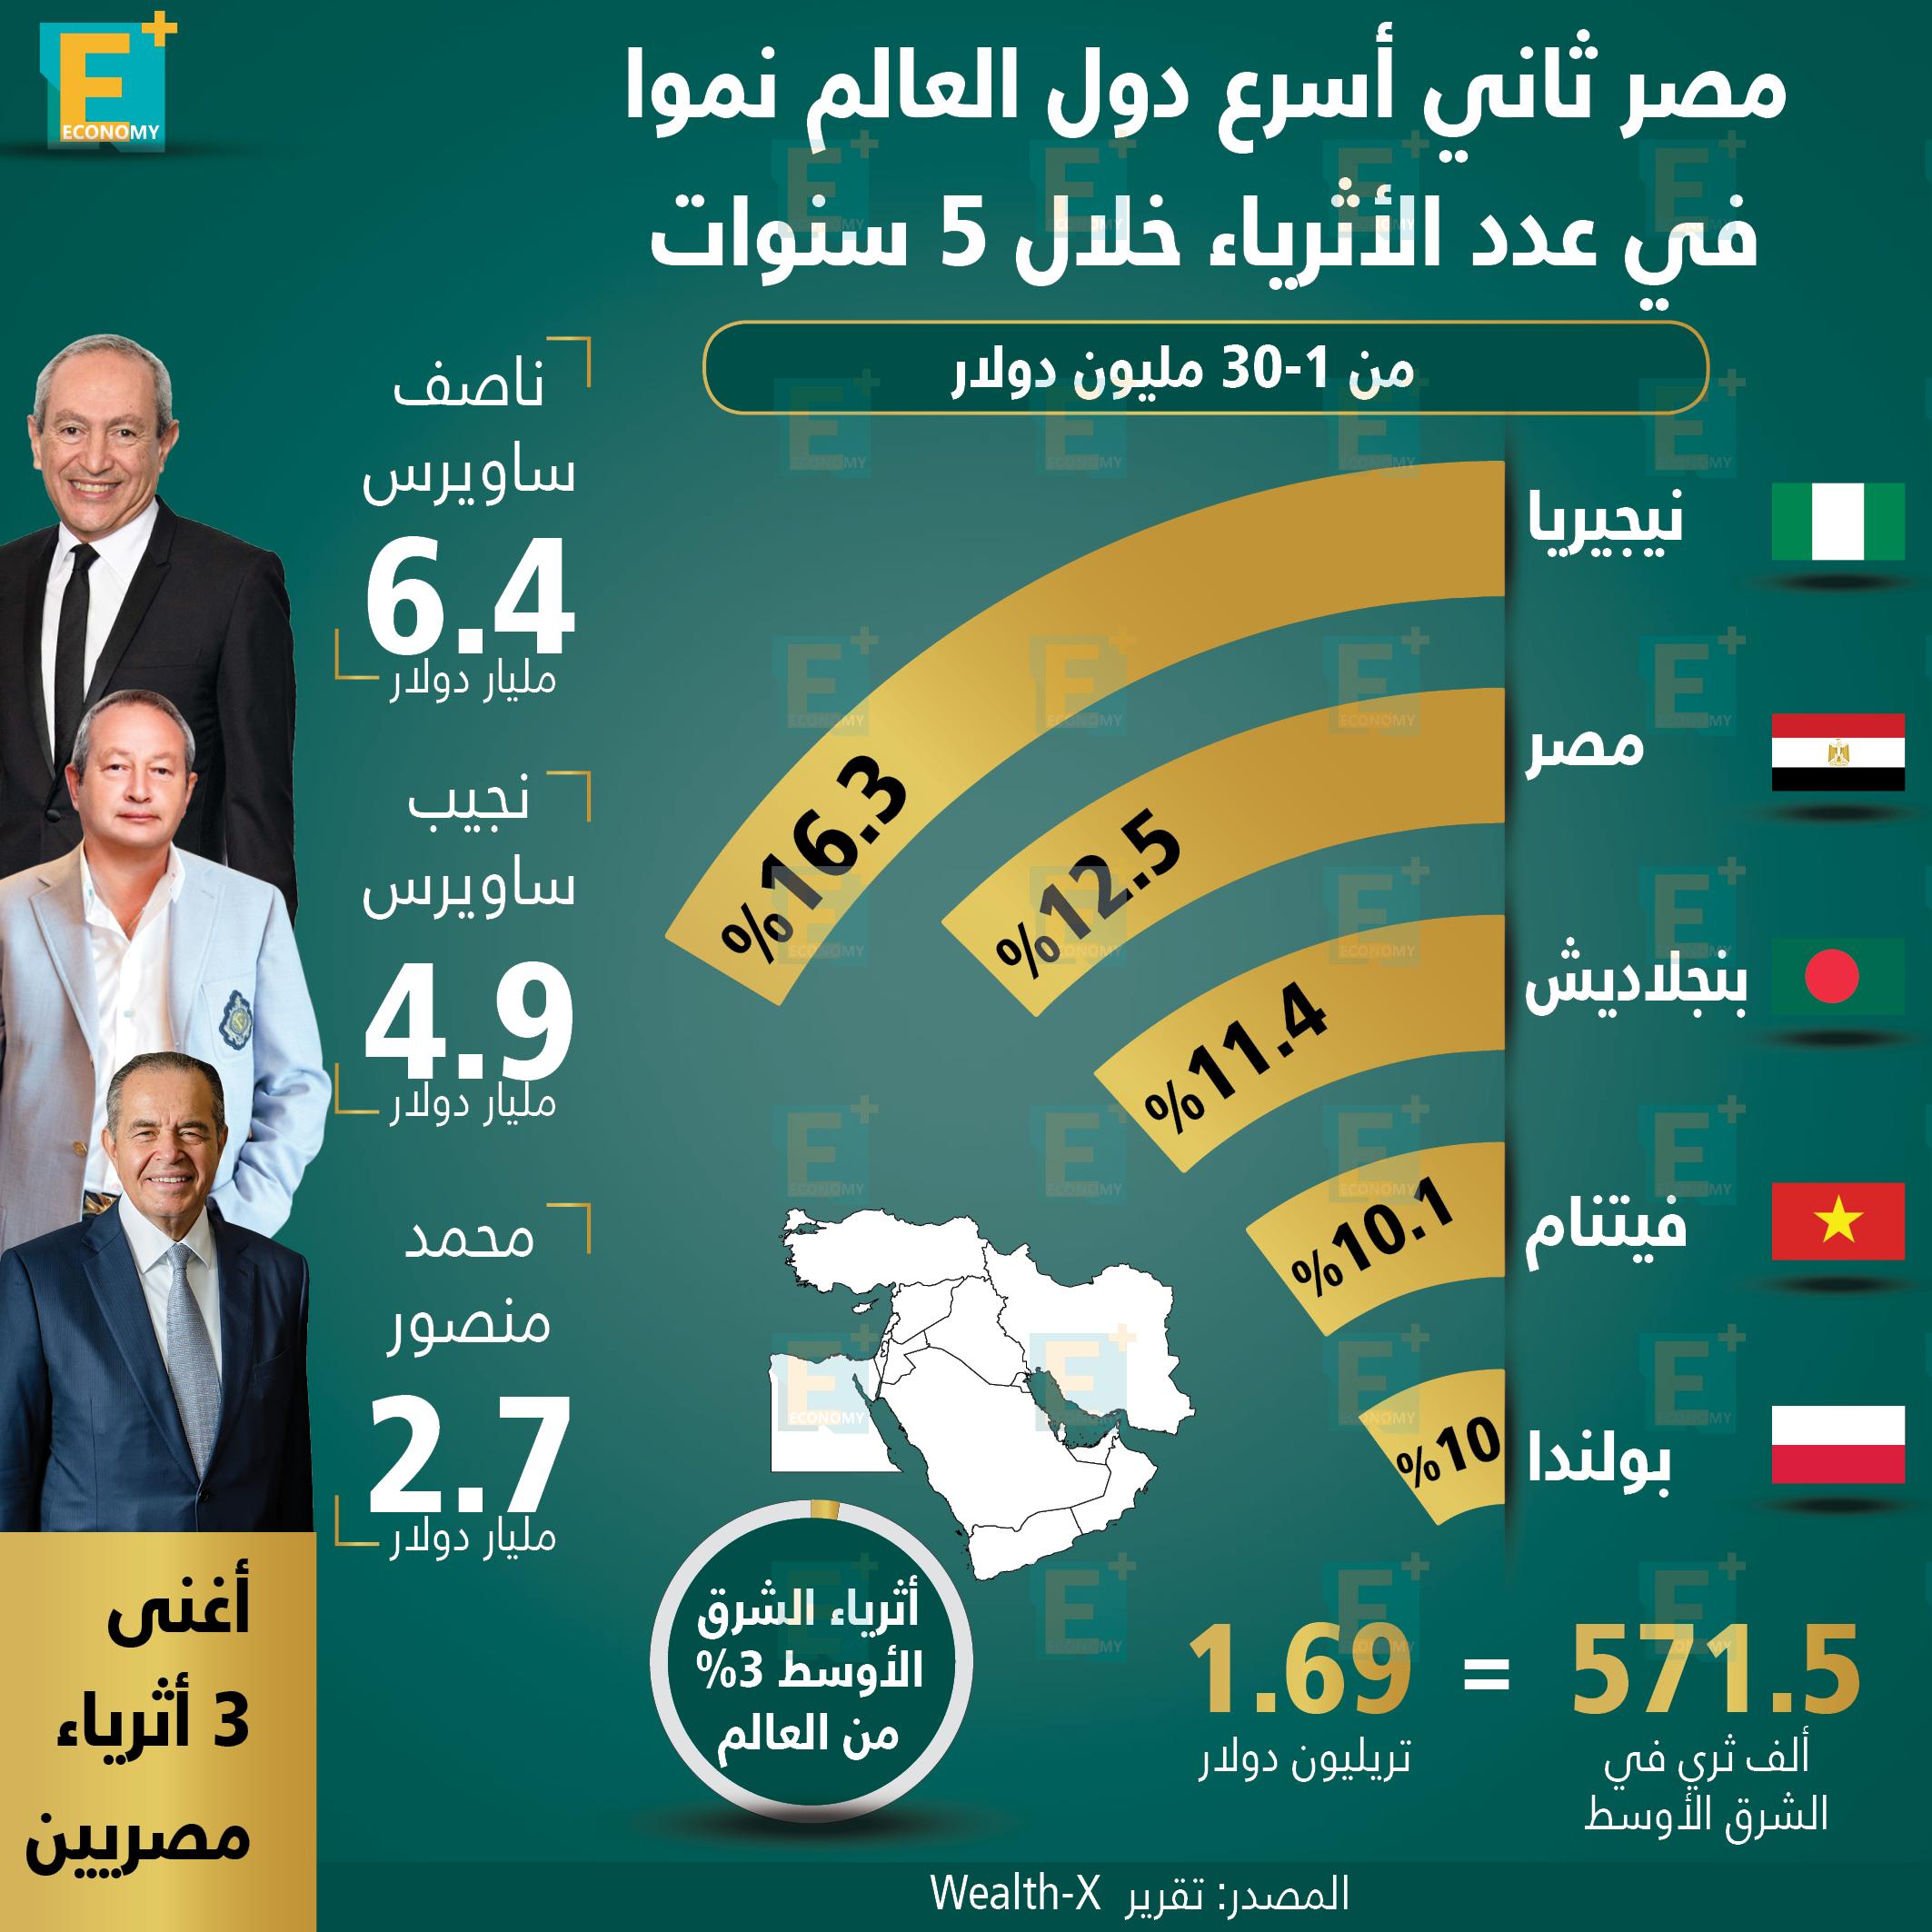 مصر ثاني أسرع دول العالم نموا في عدد الأثرياء